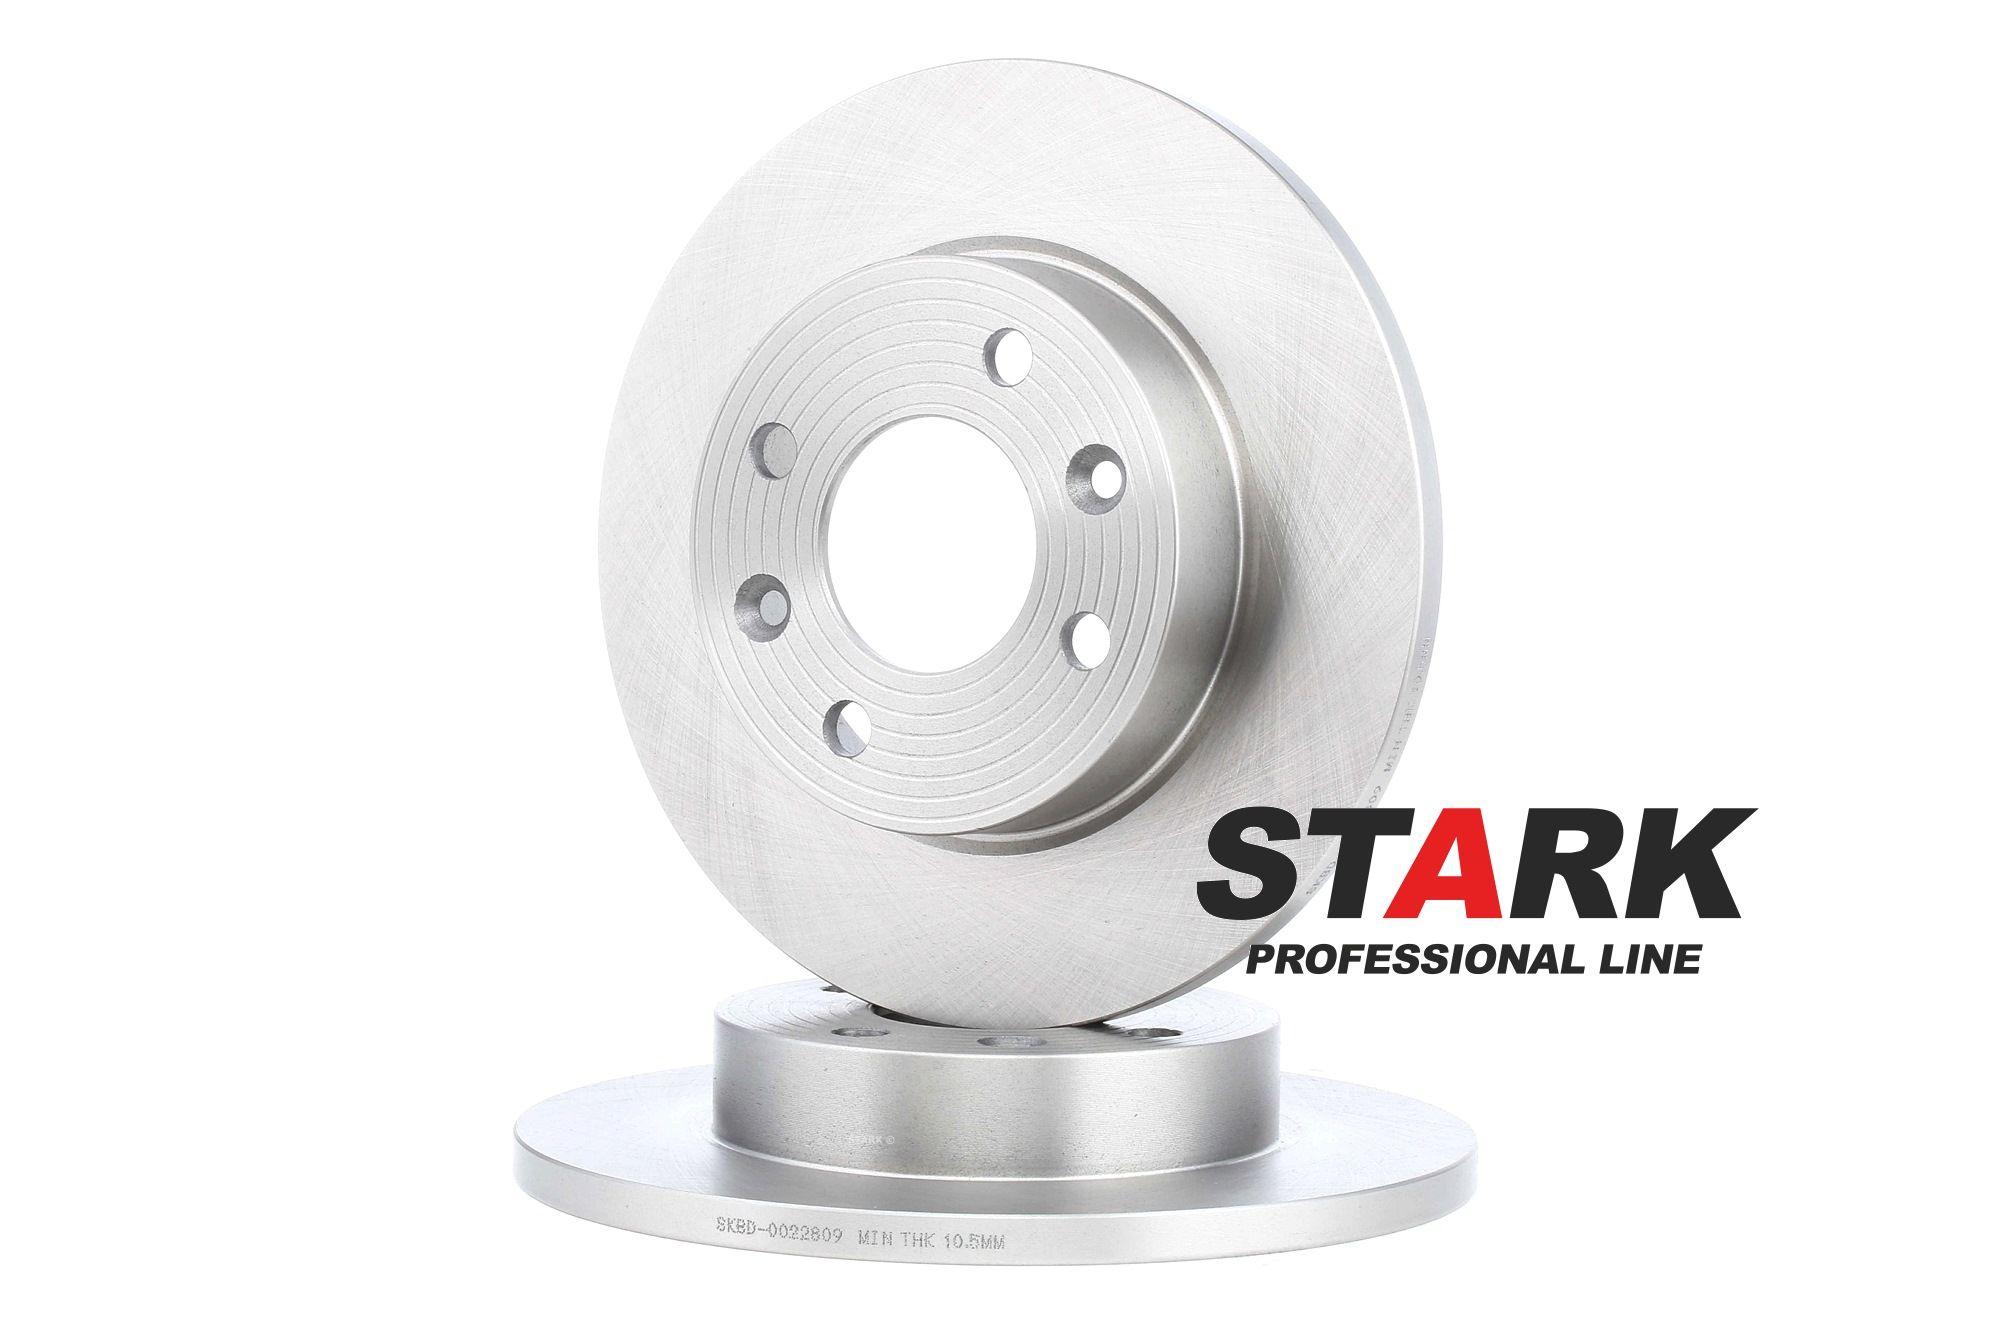 SKBD-0022809 STARK Vorderachse, Voll, ohne Radbefestigungsbolzen, ohne Radnabe Ø: 238,0mm, Bremsscheibendicke: 12mm Bremsscheibe SKBD-0022809 günstig kaufen